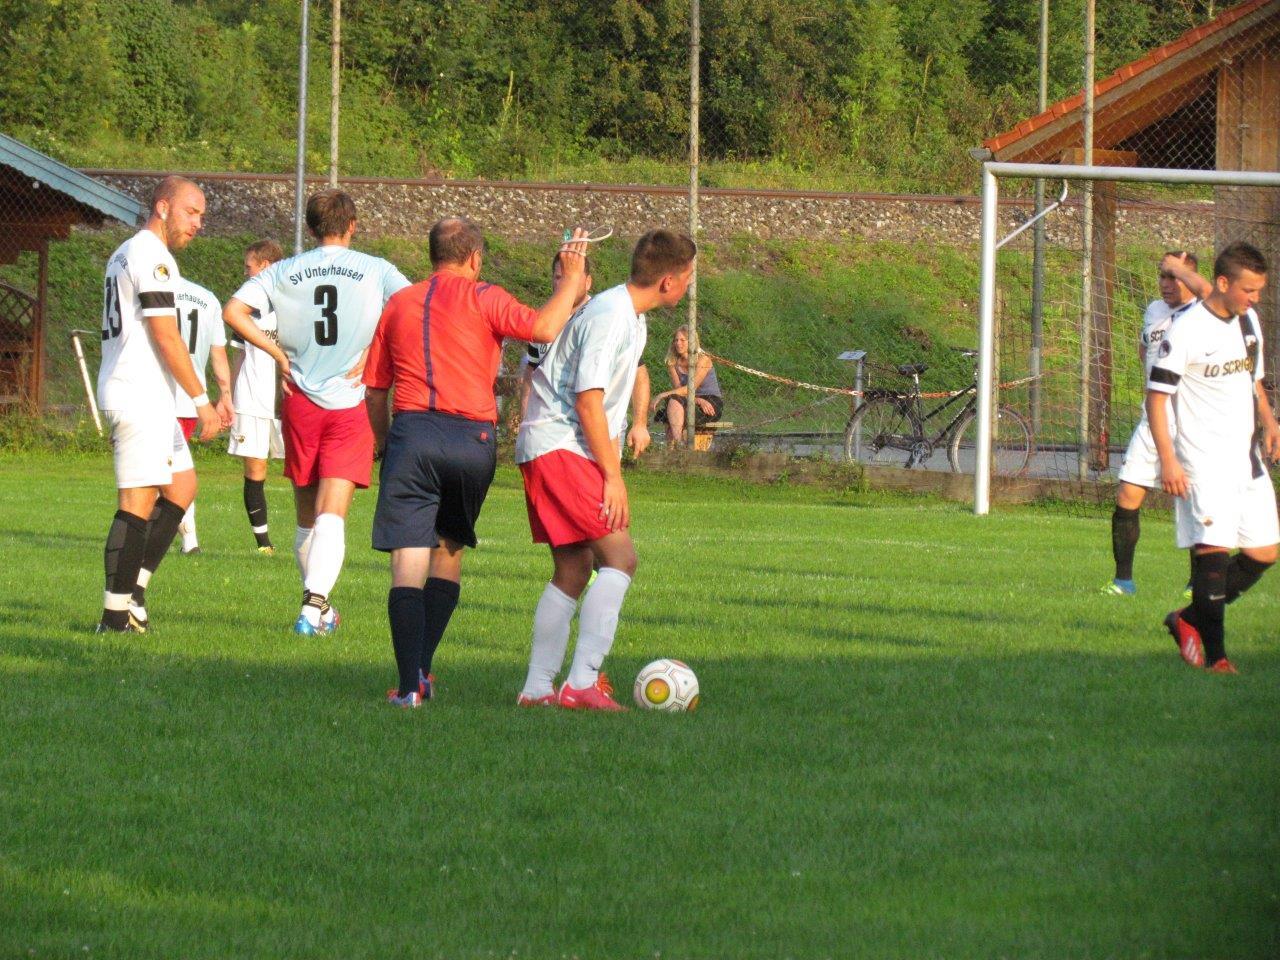 sv-unterhausen.de - SVU holt zuhause 3 Punkte im Derby